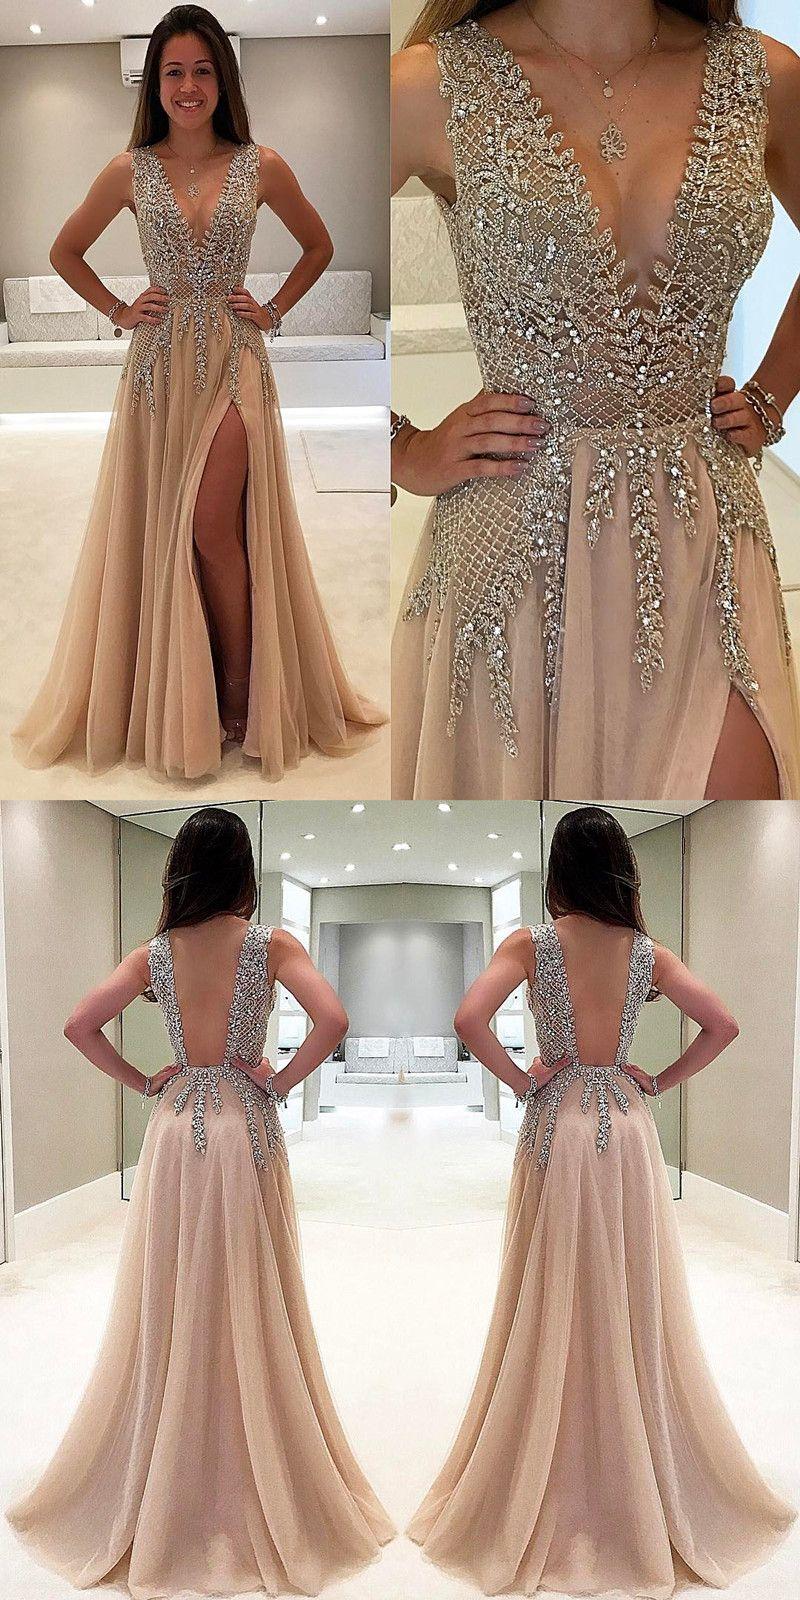 Pin by rosana magume on hair sty pinterest split prom dresses